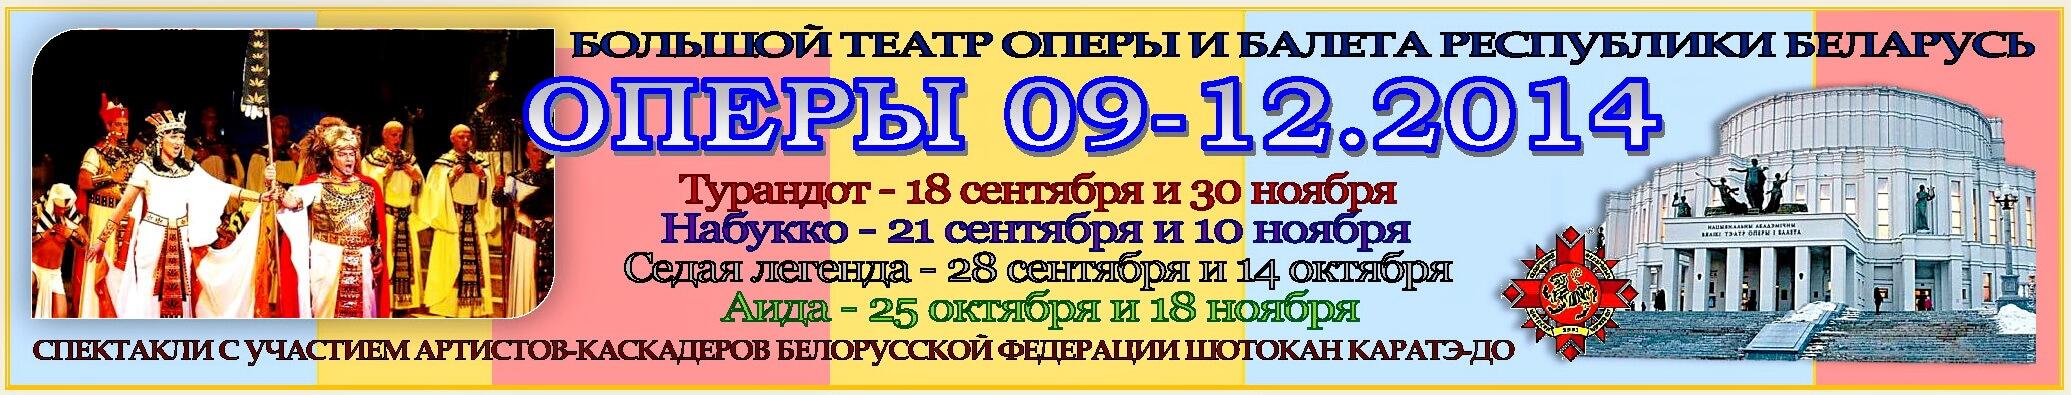 НАБТ 2014 09-12 Оперы Баннер